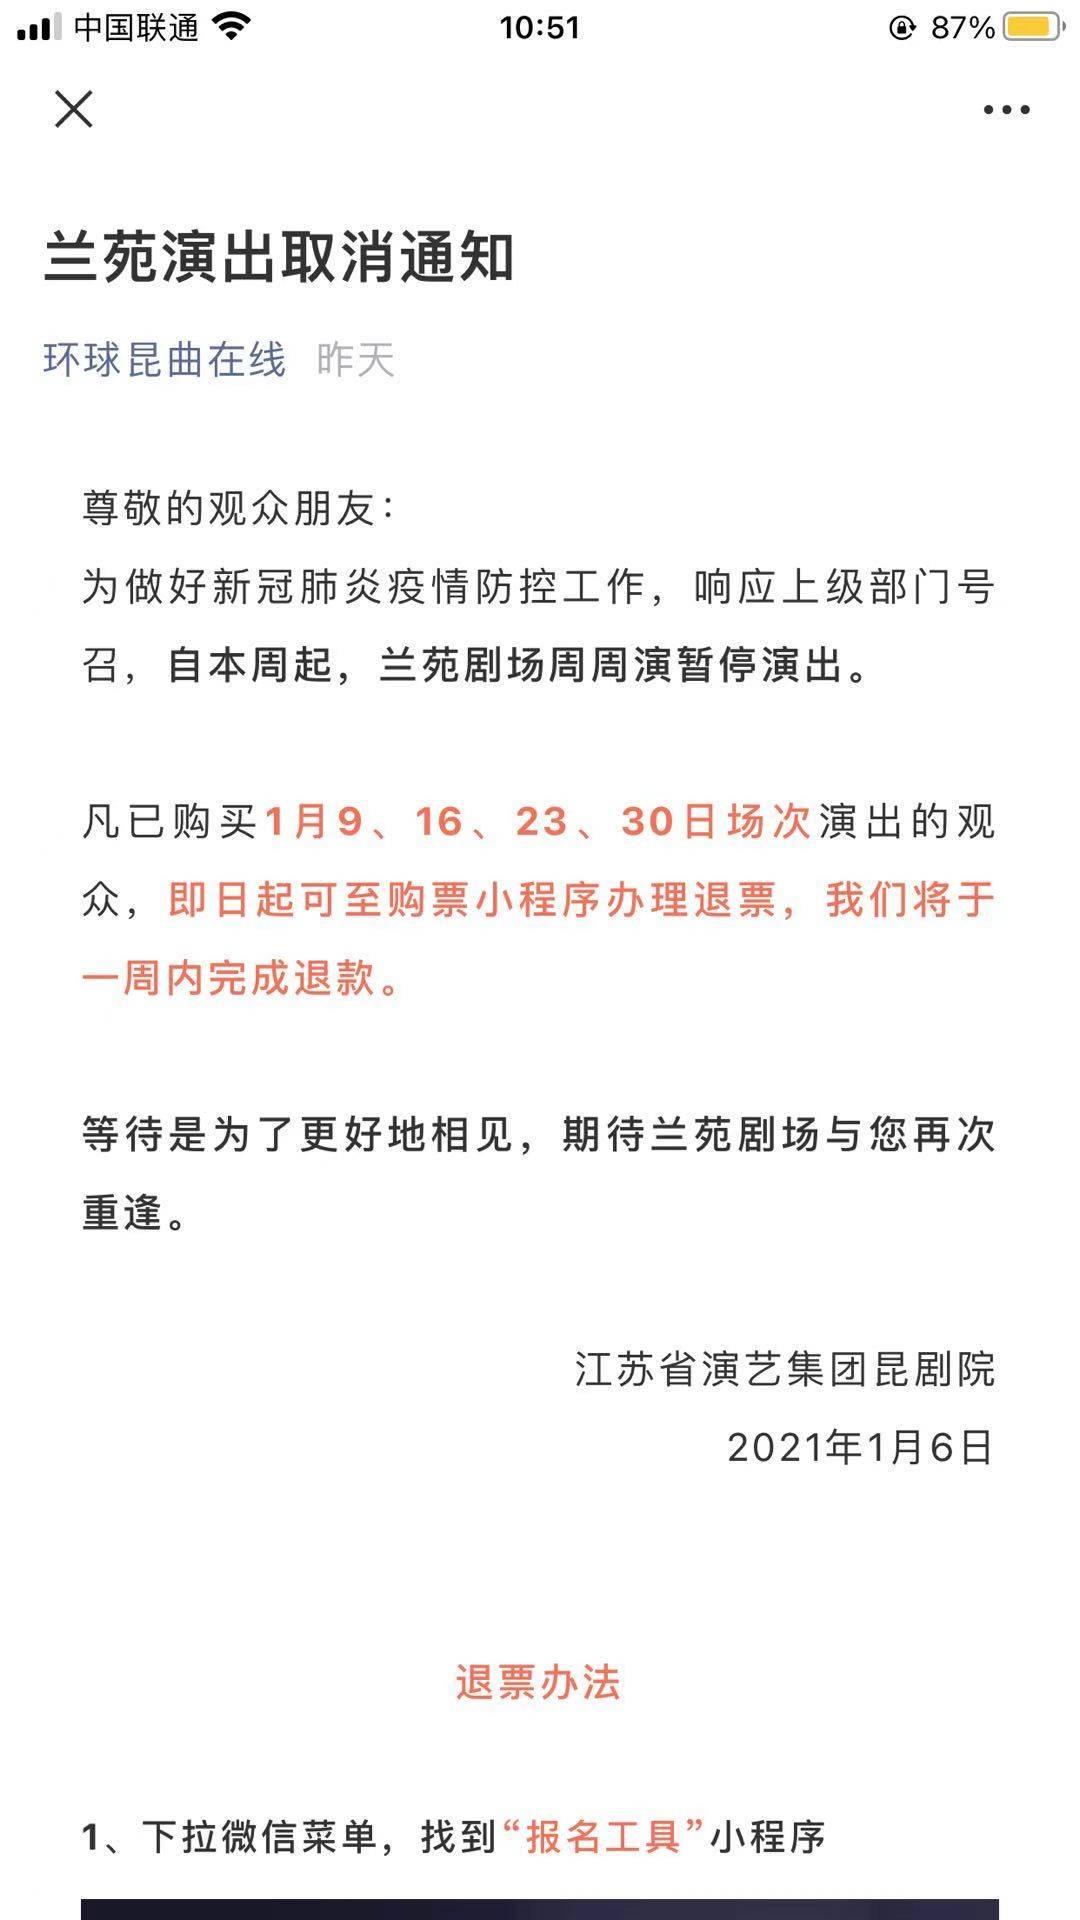 南京部分剧场取消、延期近日演出  第1张